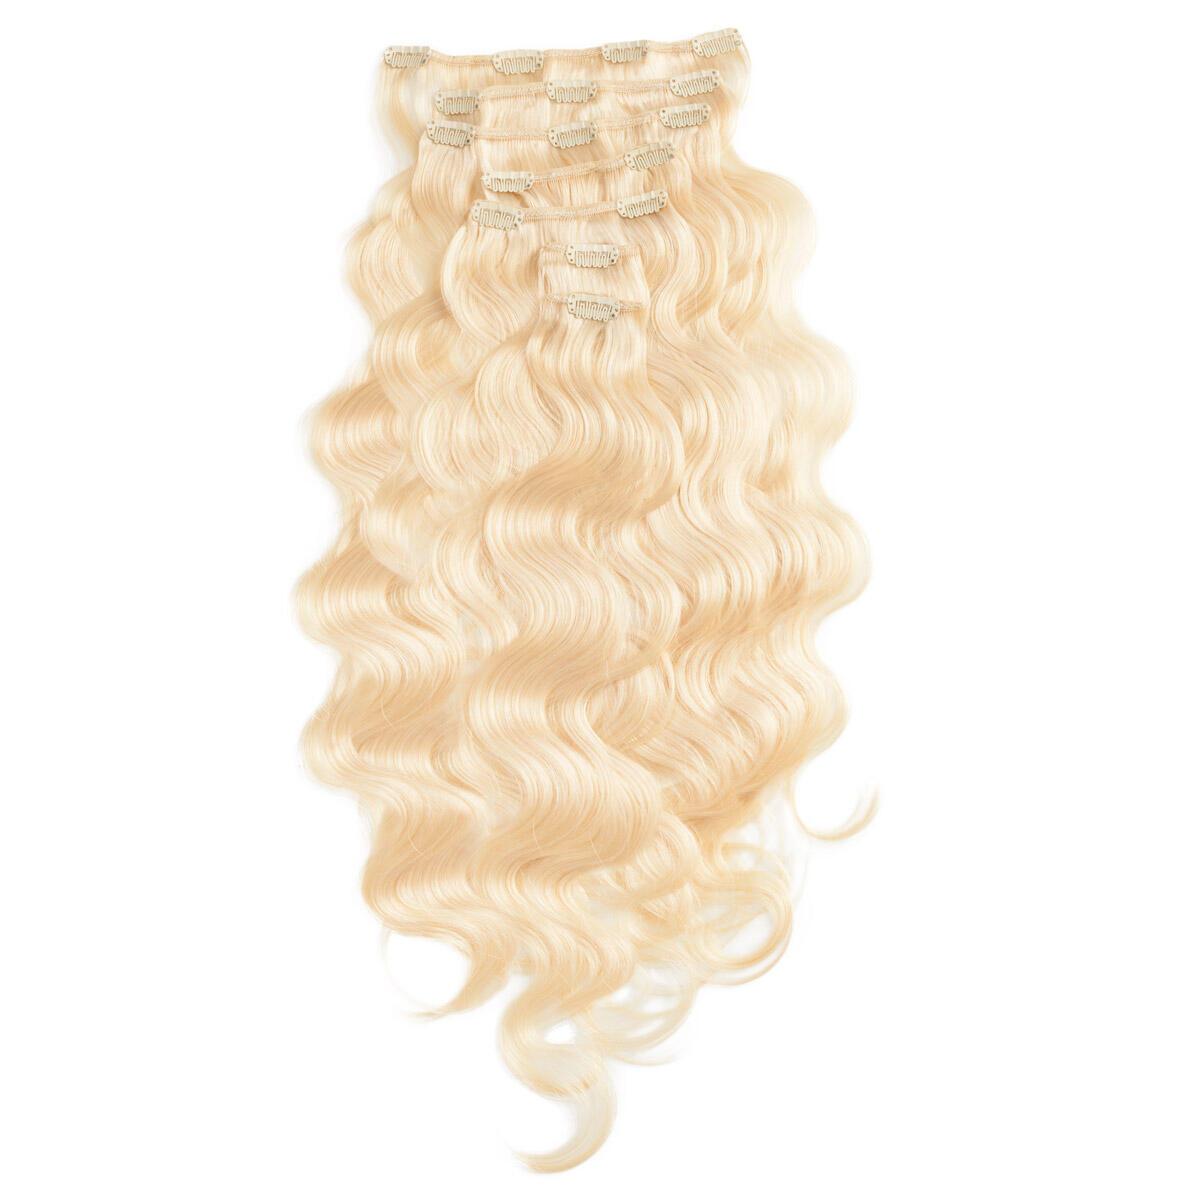 Clip-on Set Gewellt 7 pieces 8.0 Light Golden Blonde 60 cm